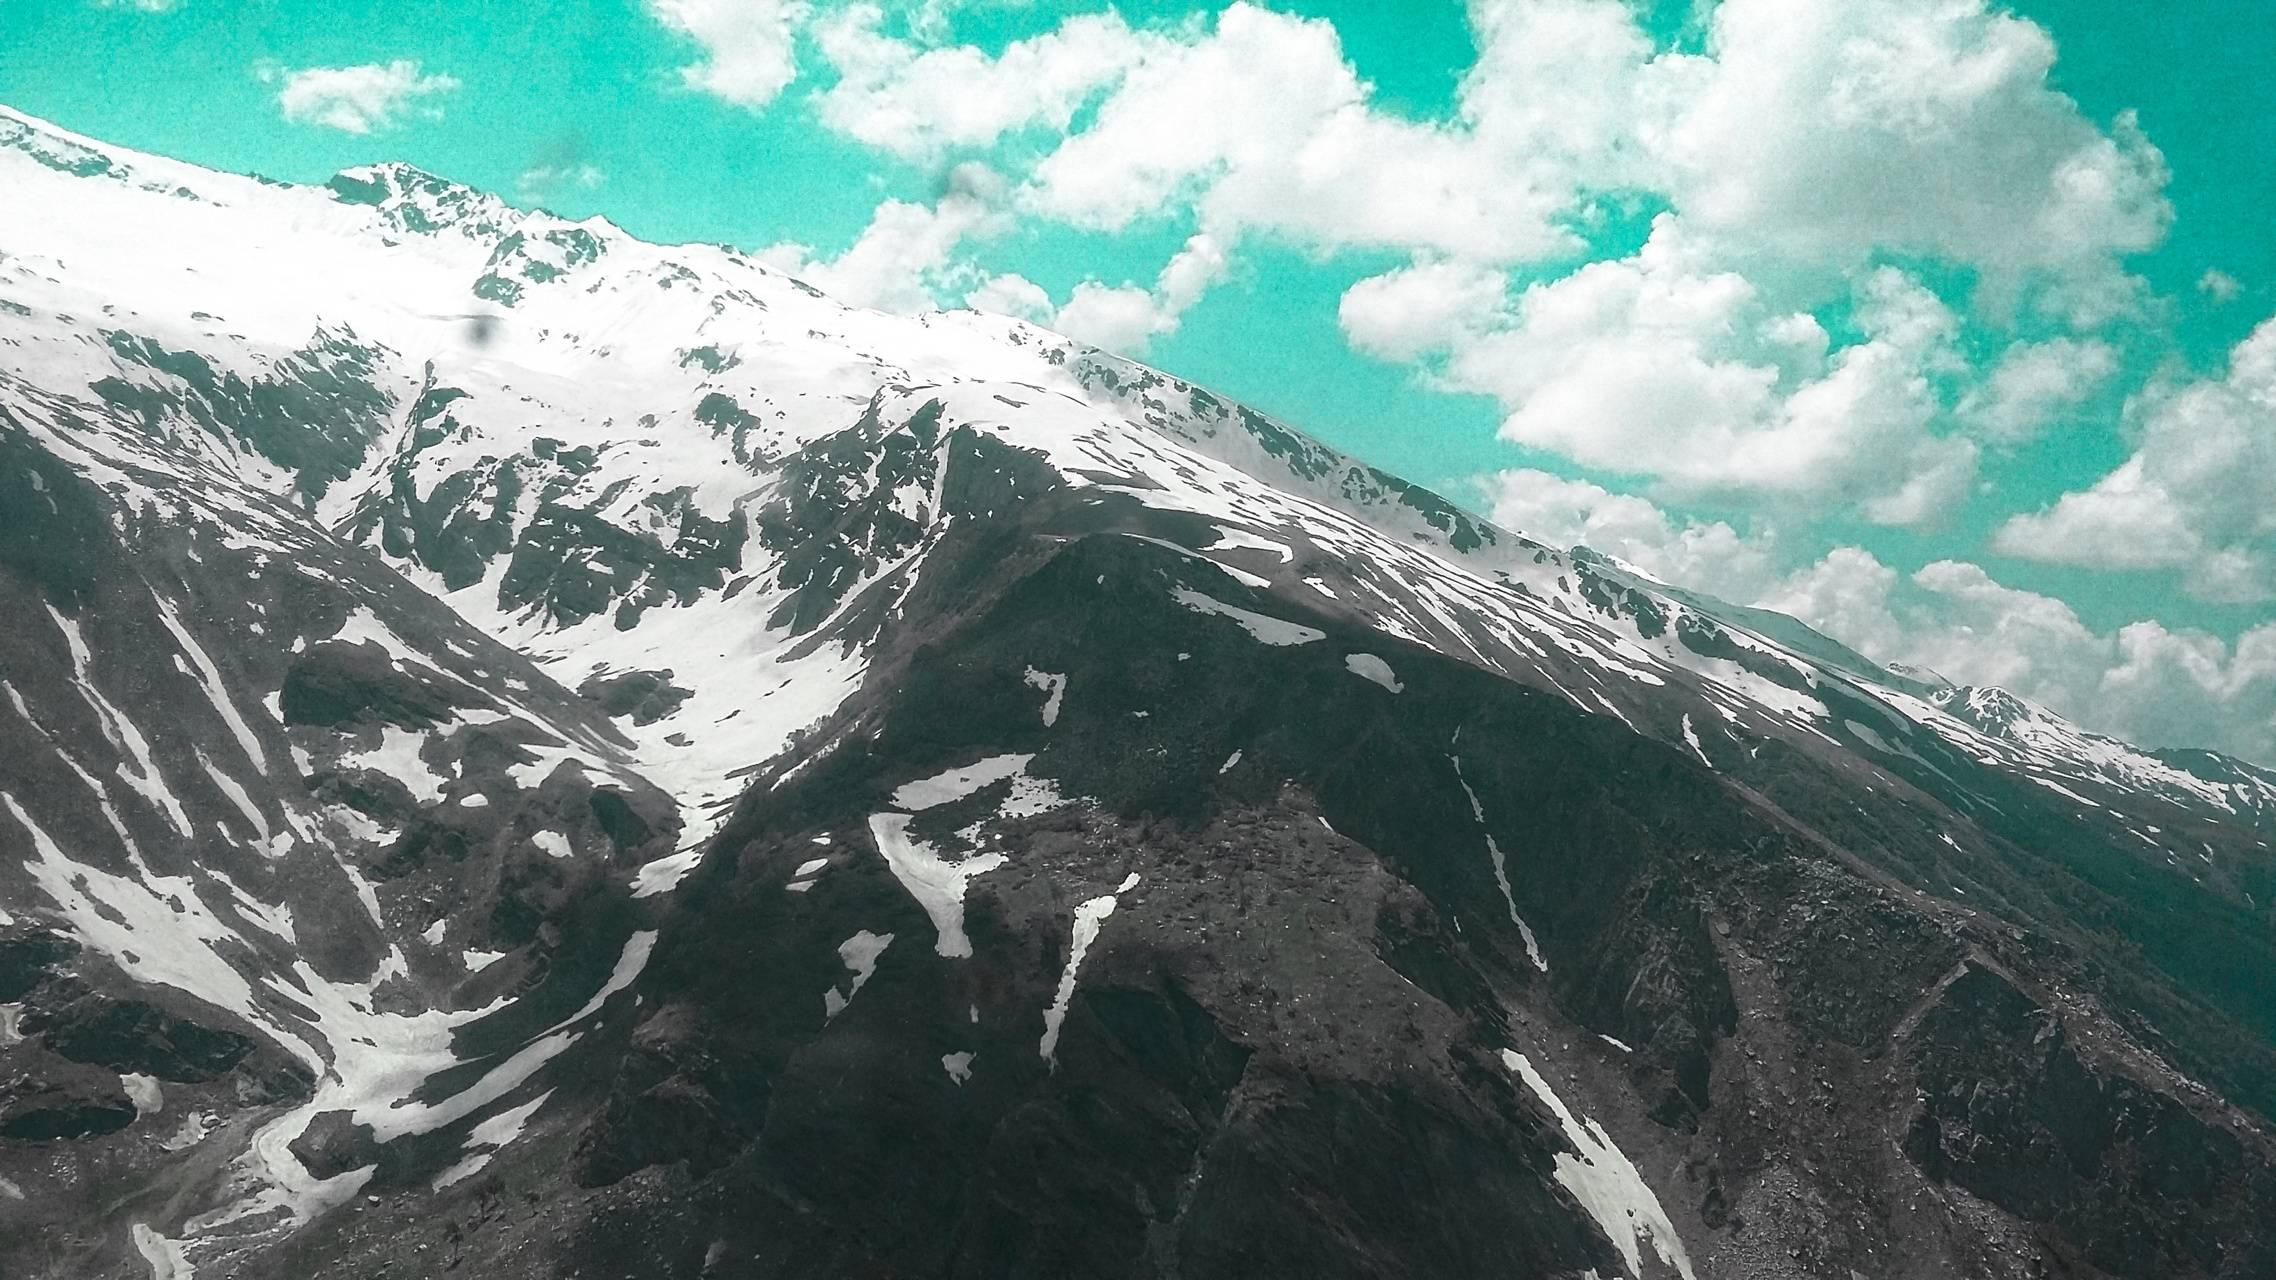 Manali valleys